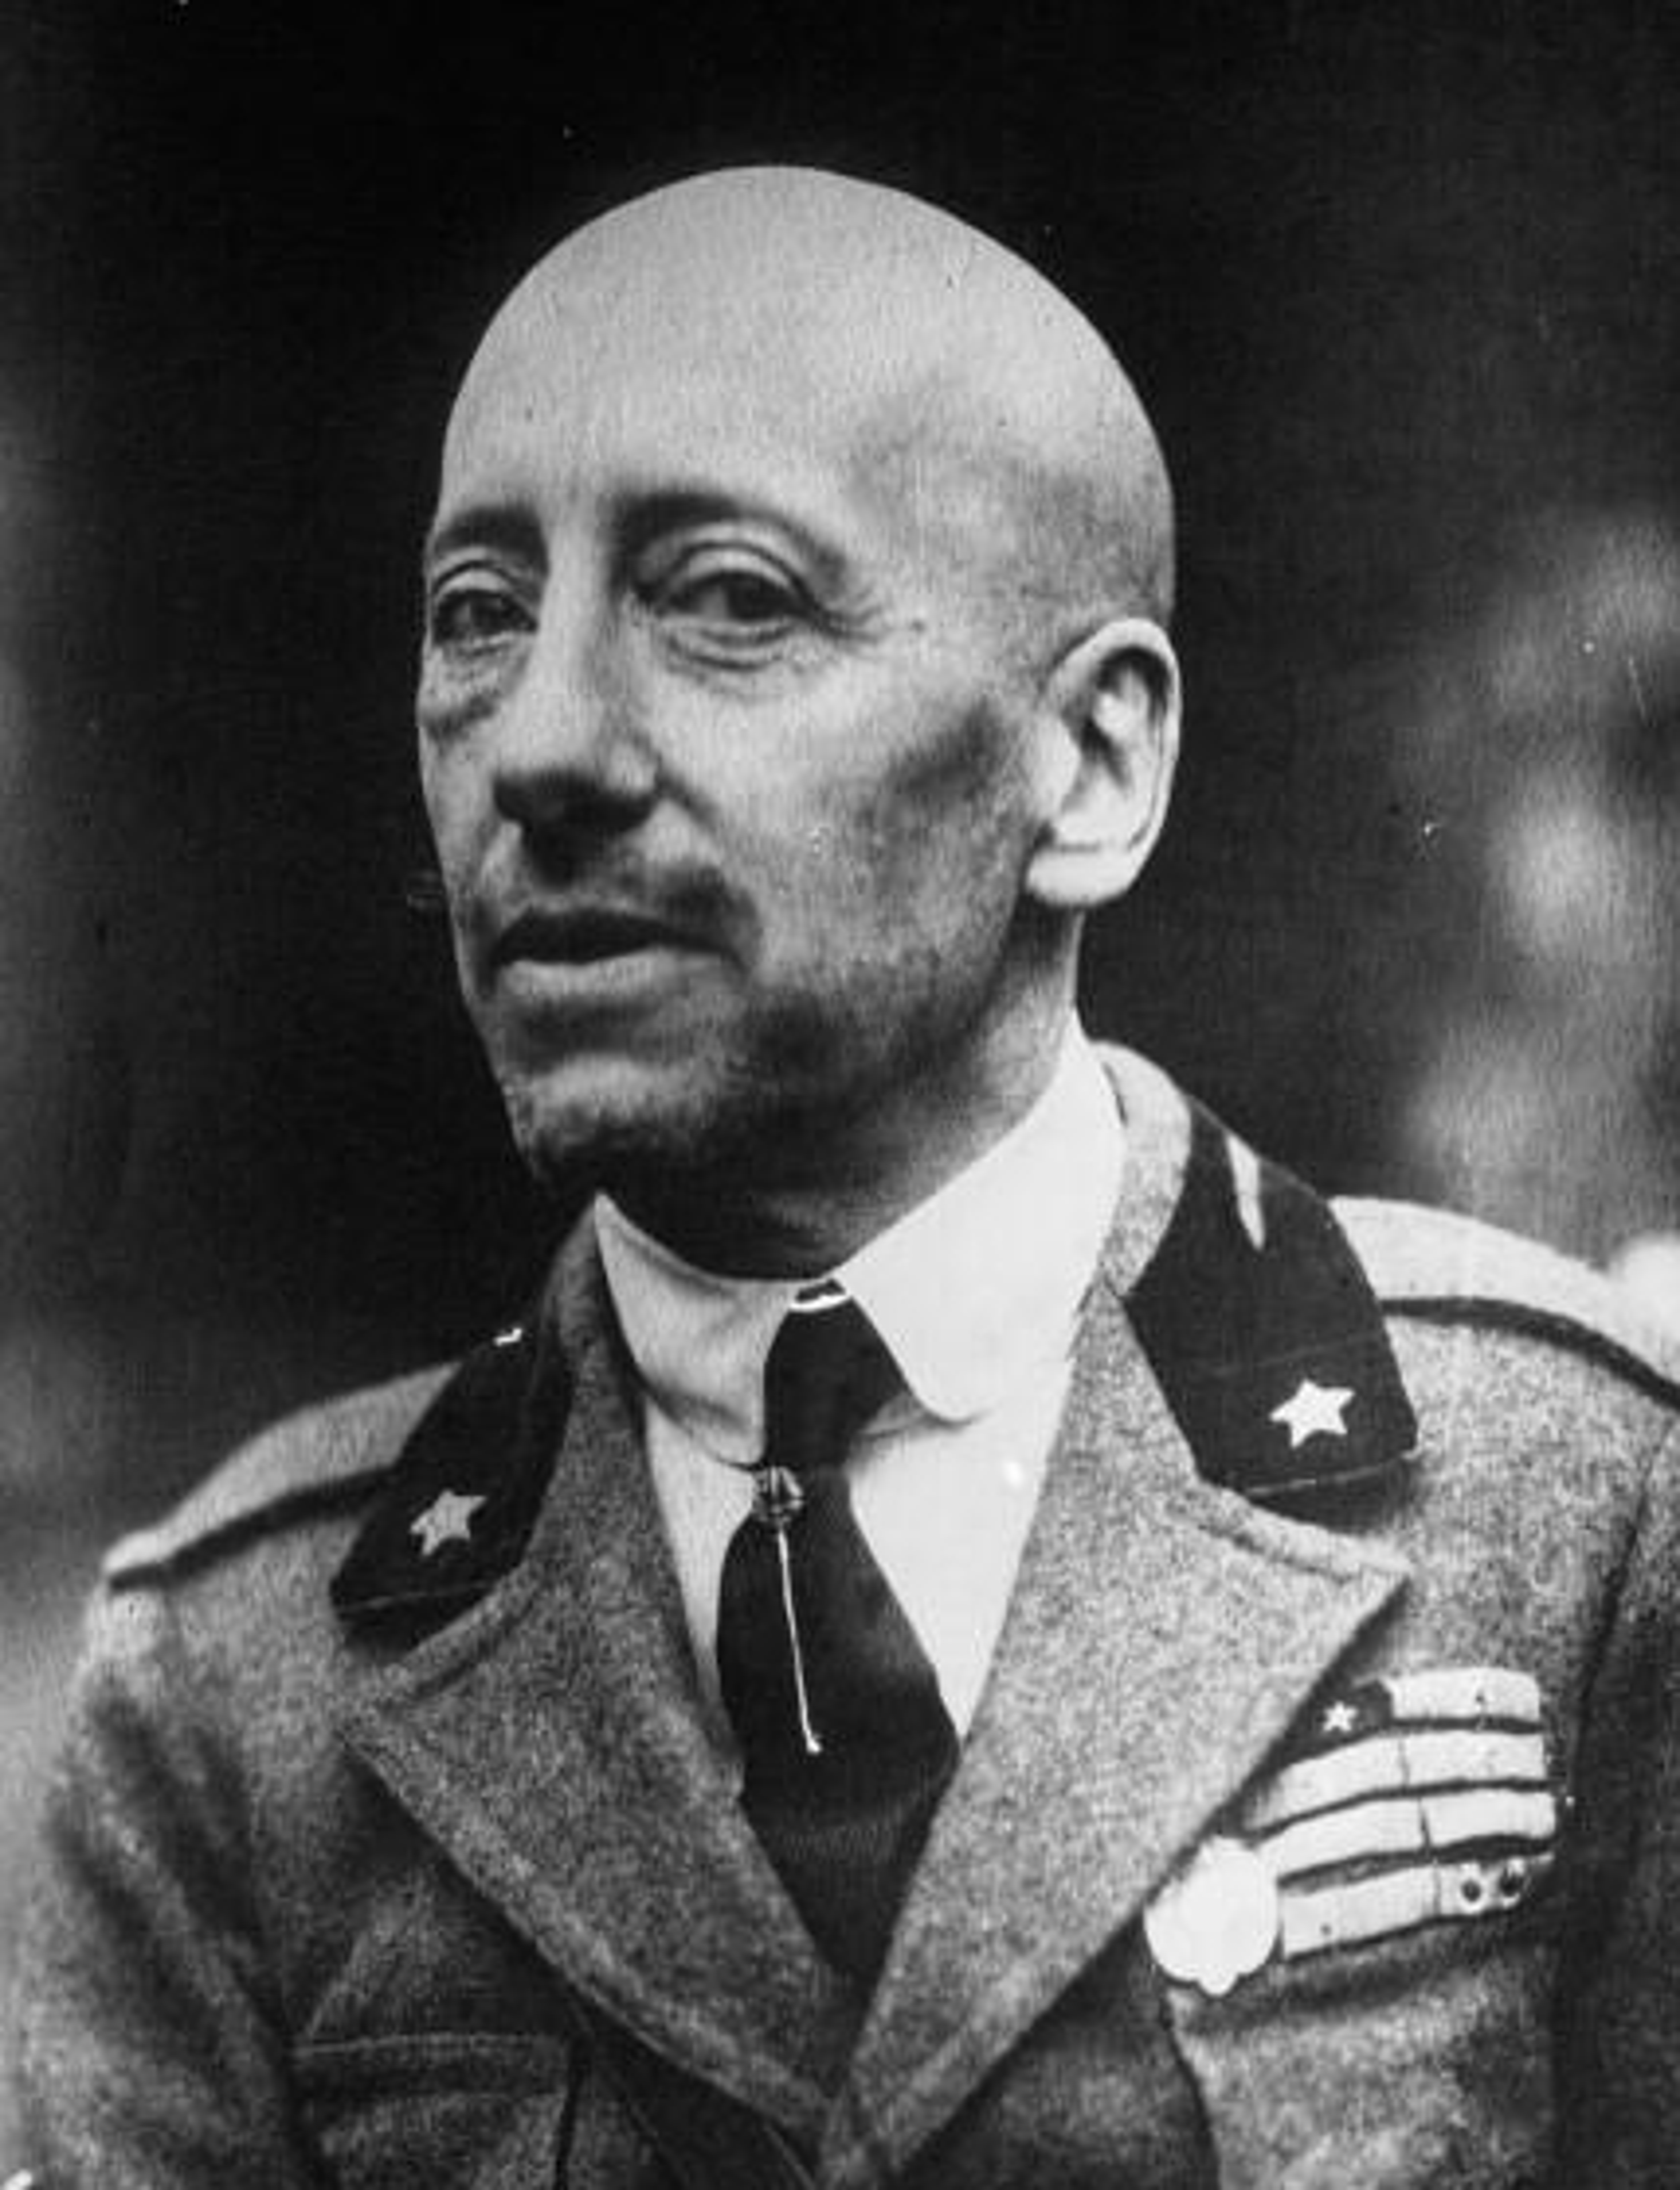 File:Gabriele D'Annunzio 1922.jpg